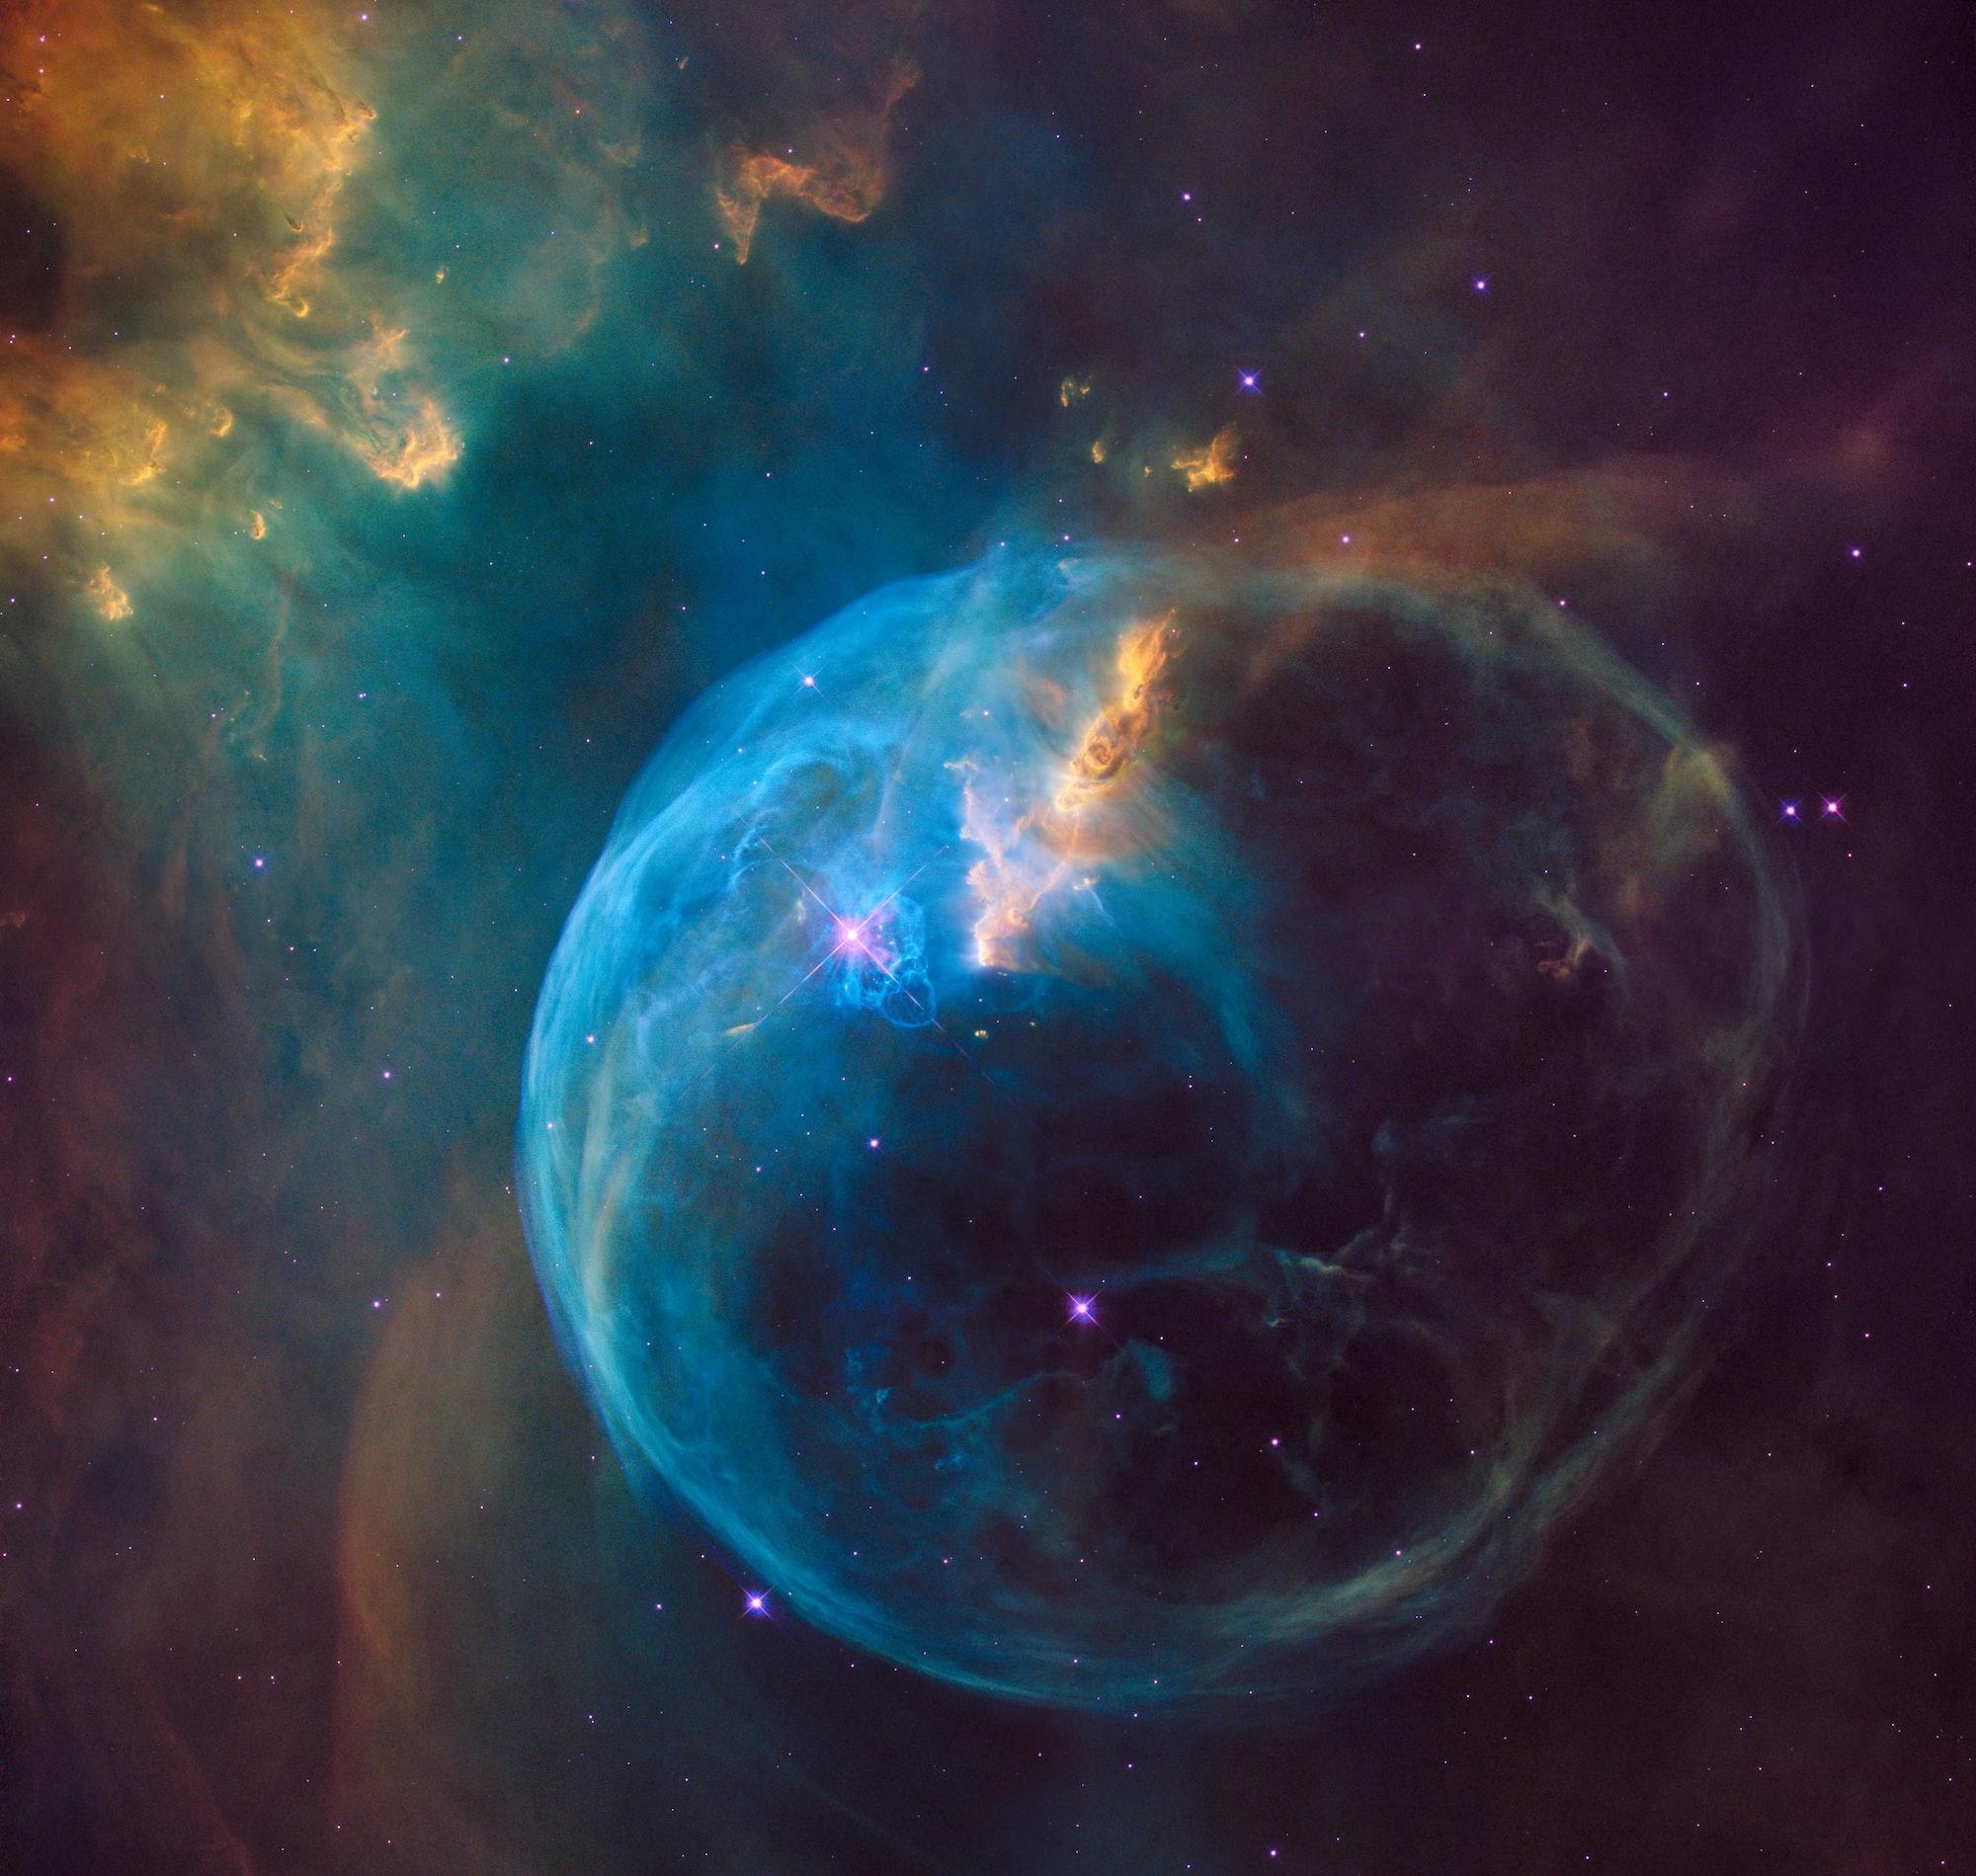 Evrenin kayıp olan %40'ı aslında dönüyormuş